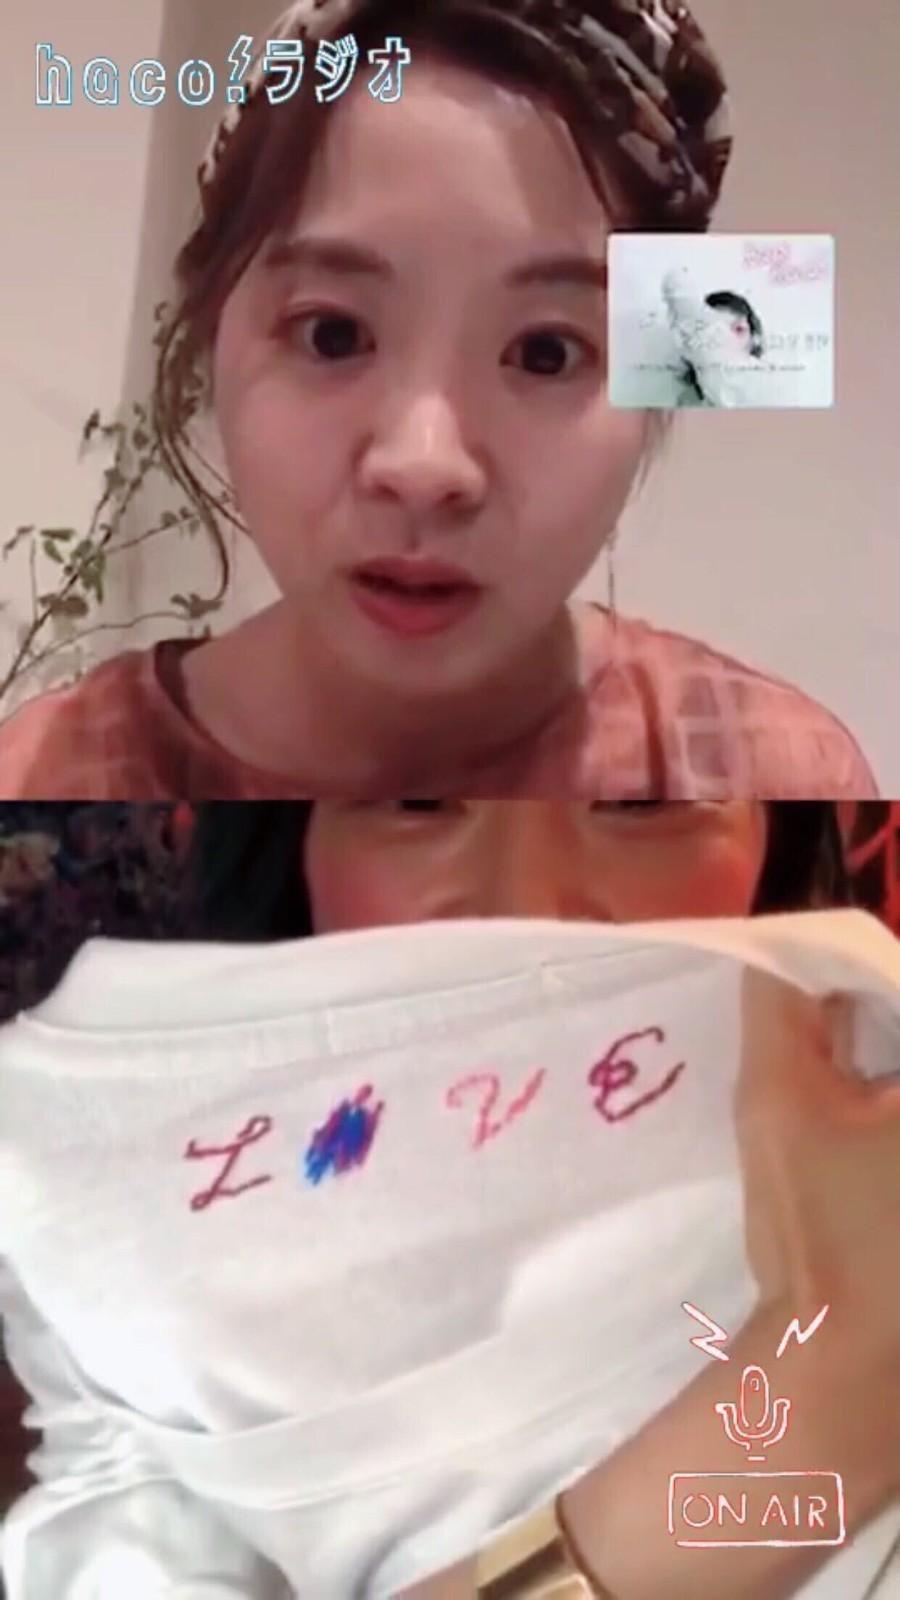 haco! haco! [haco! POST] 刺繍アーティスト二宮佐和子さんとみんなでワイワイ刺繍!zoom縫いワークショップ参加チケット 6/21・6/24開催<micro macro> <その他>の商品写真10